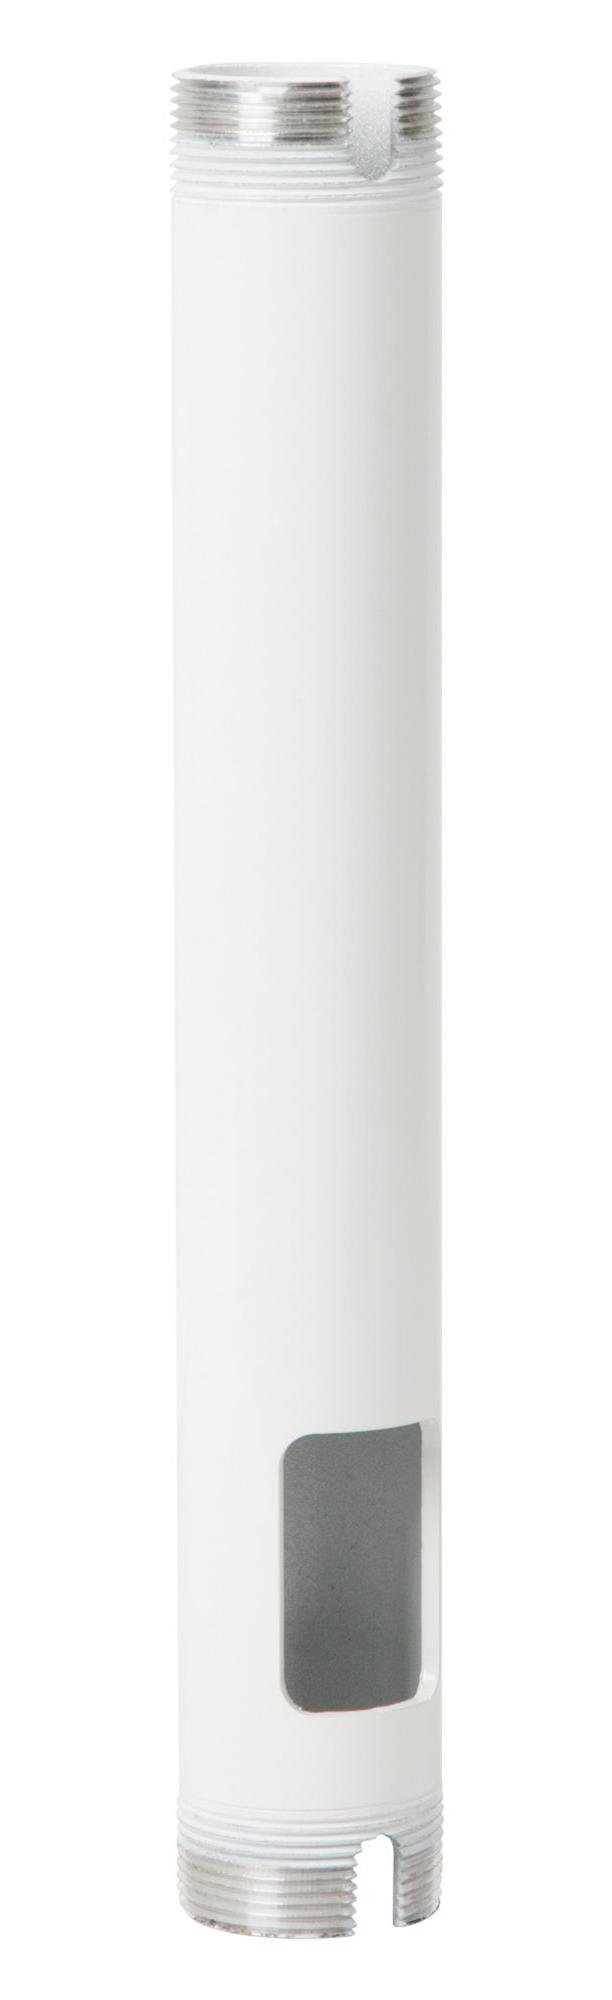 5 ft Fixed Extension Coliumn, White